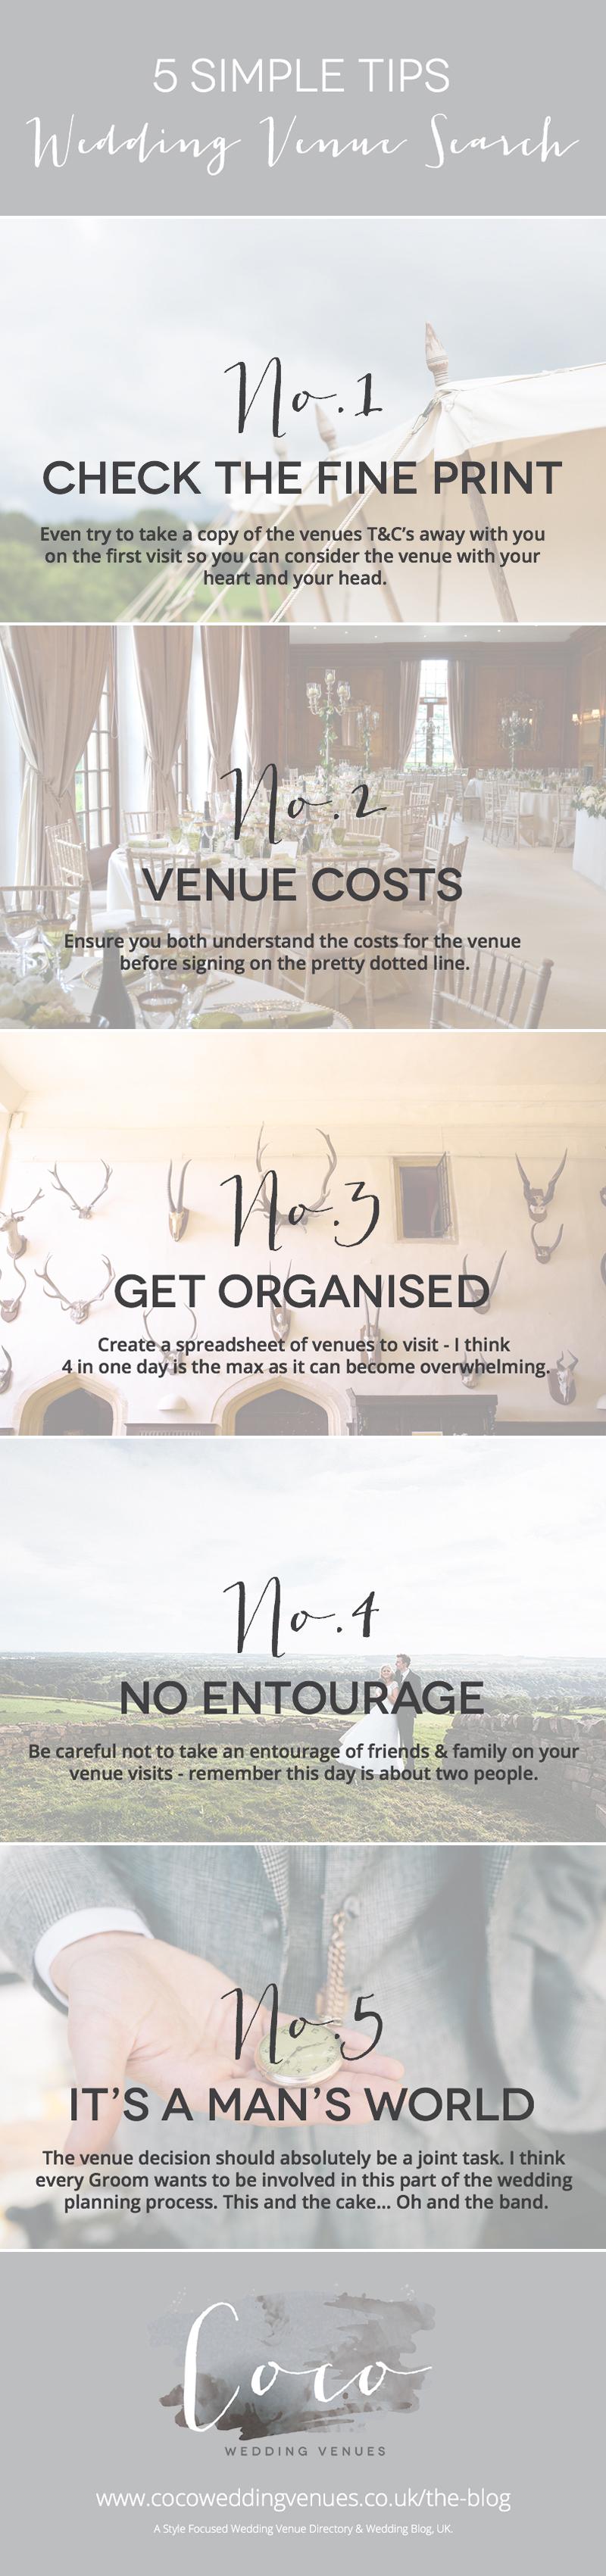 5-simple-wedding-venue-search-tips